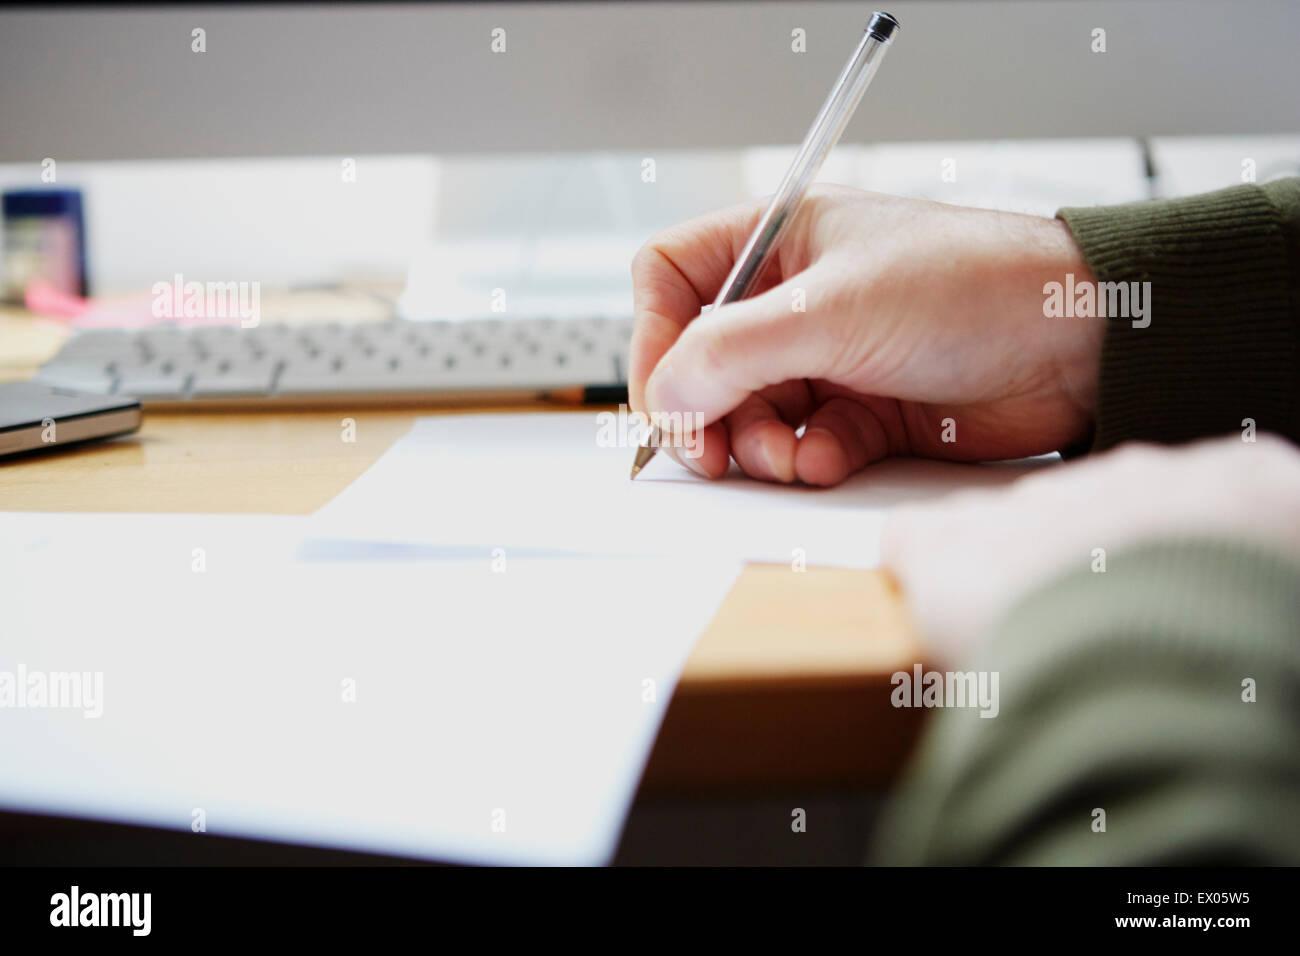 Mann mit Stift auf Papier schreiben Stockbild